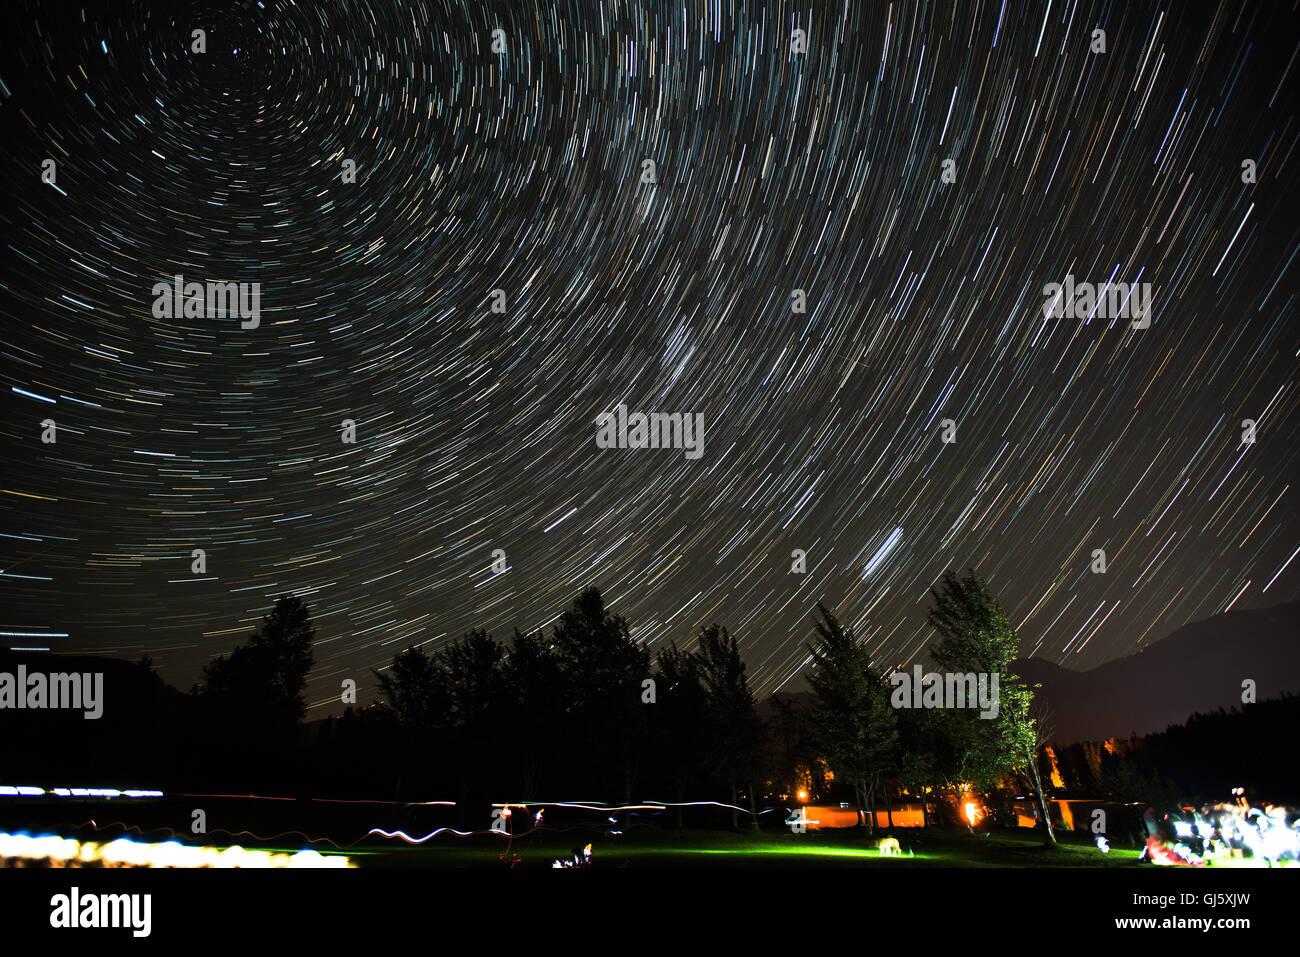 La Folla di raccogliere al Rainbow Park per visualizzare l'Perceid Meteor doccia, secondo come riferito la più Immagini Stock